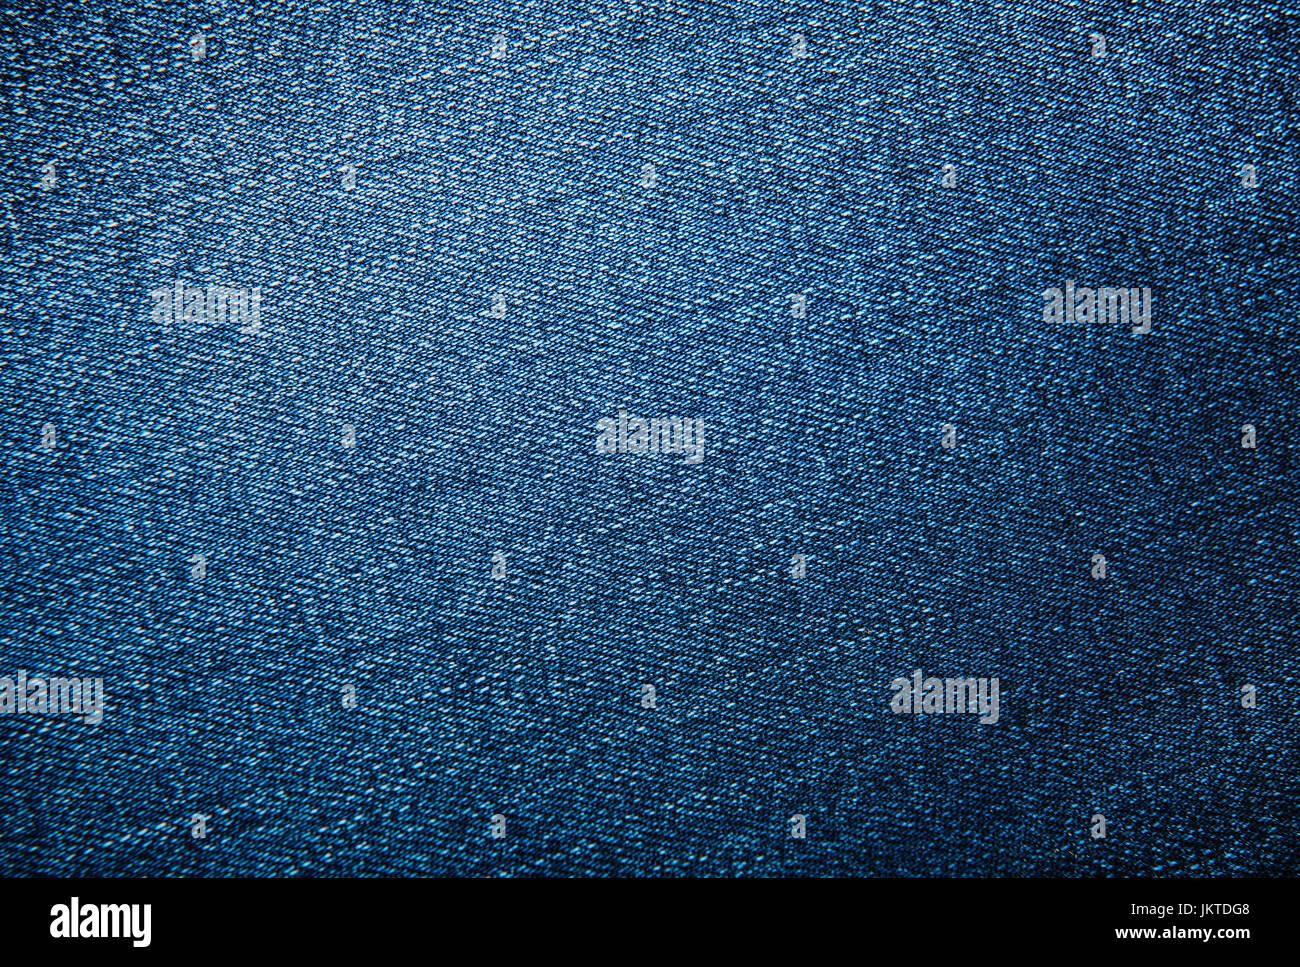 Blue jeans o patrón de textura de fondo Imagen De Stock